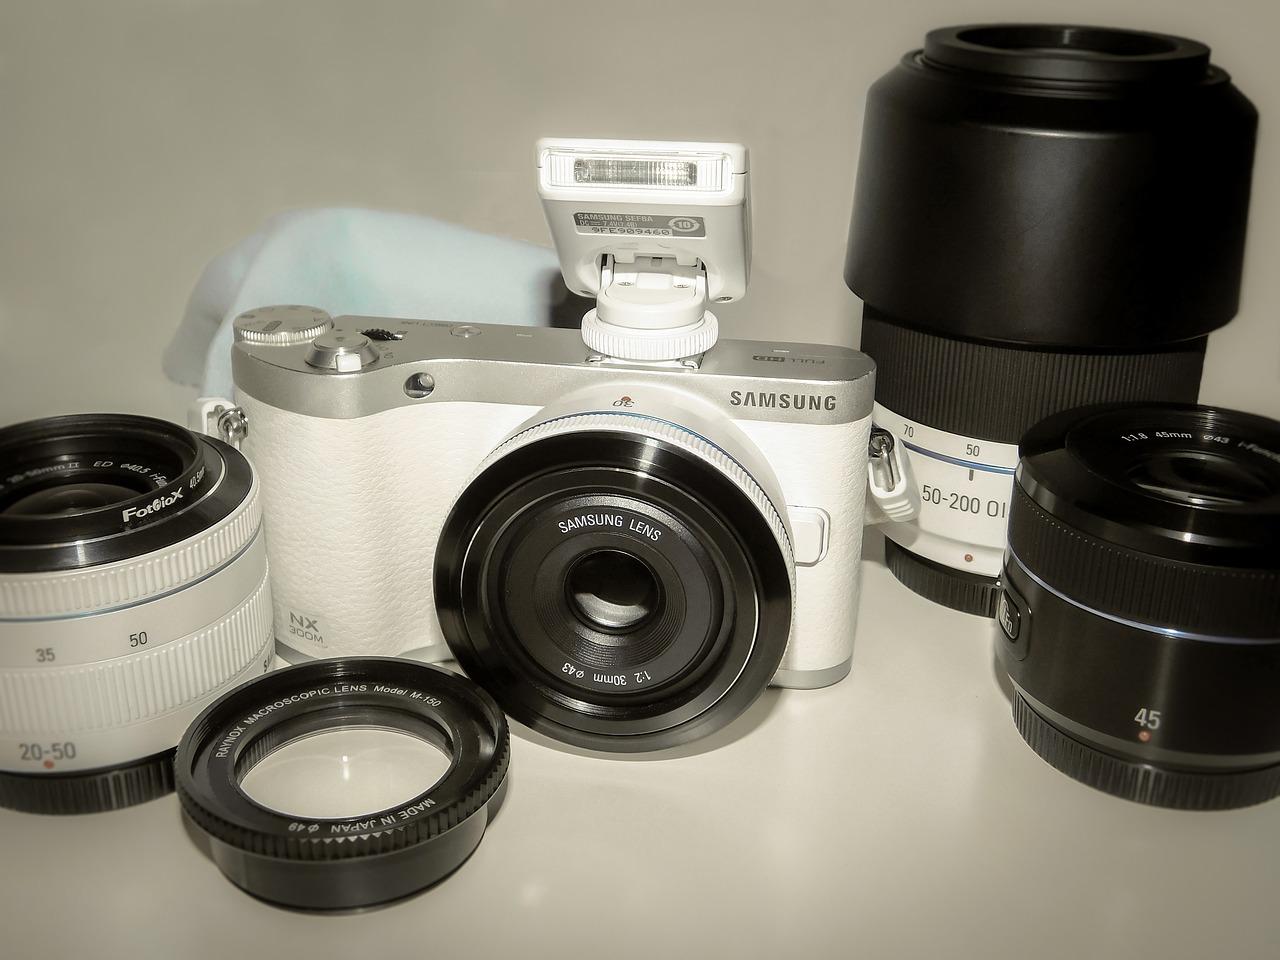 Confronta fotocamere digitali bridge 45